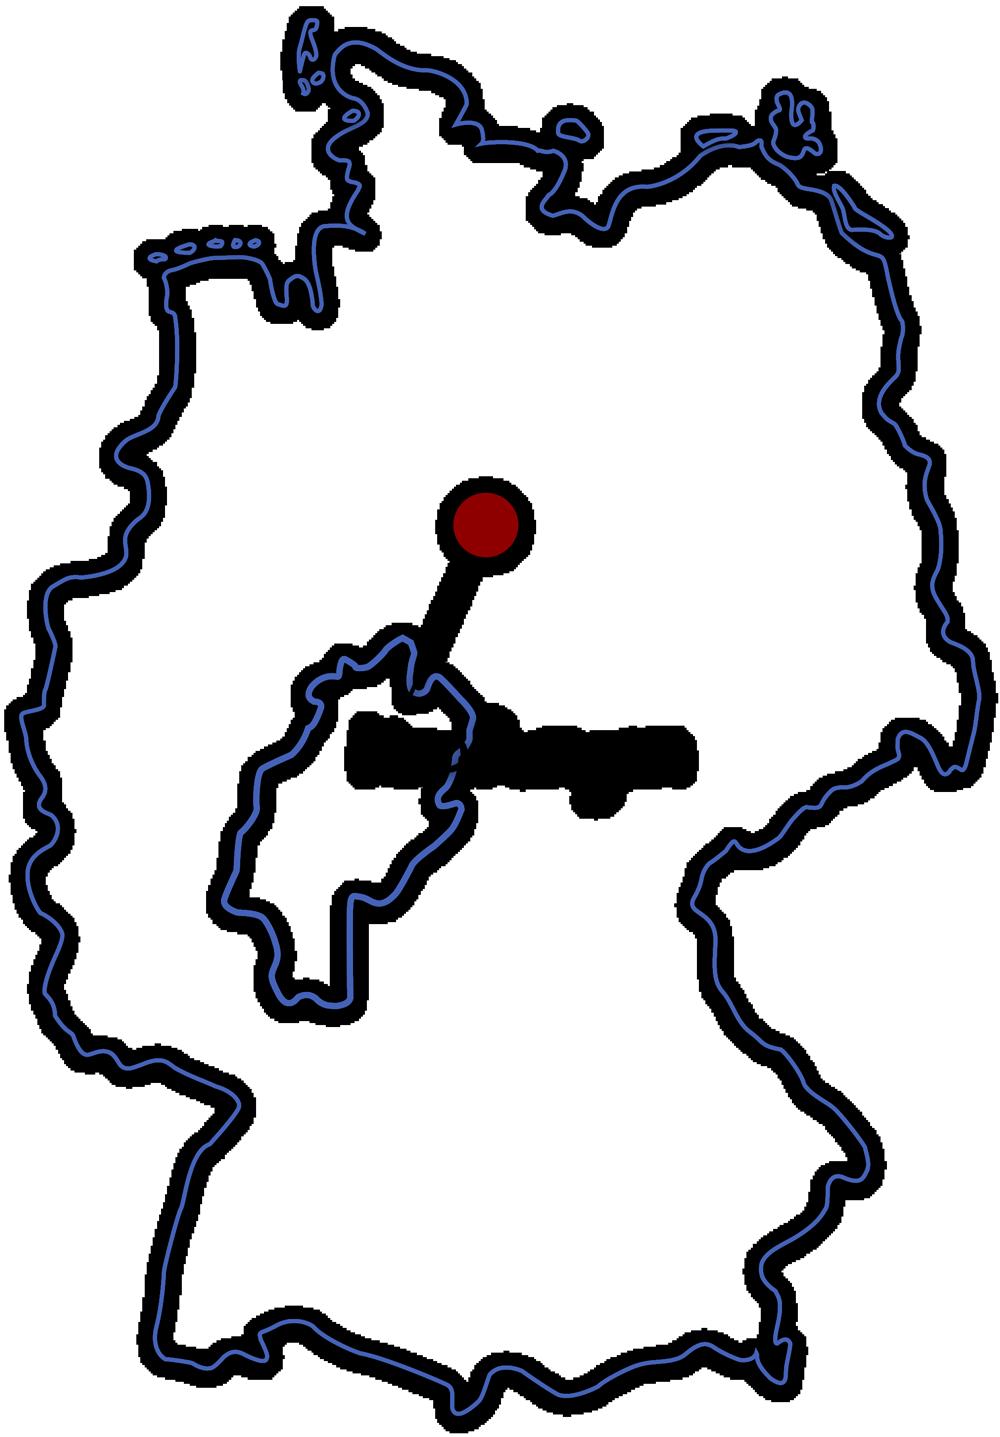 Karte-Kontakt-14.01